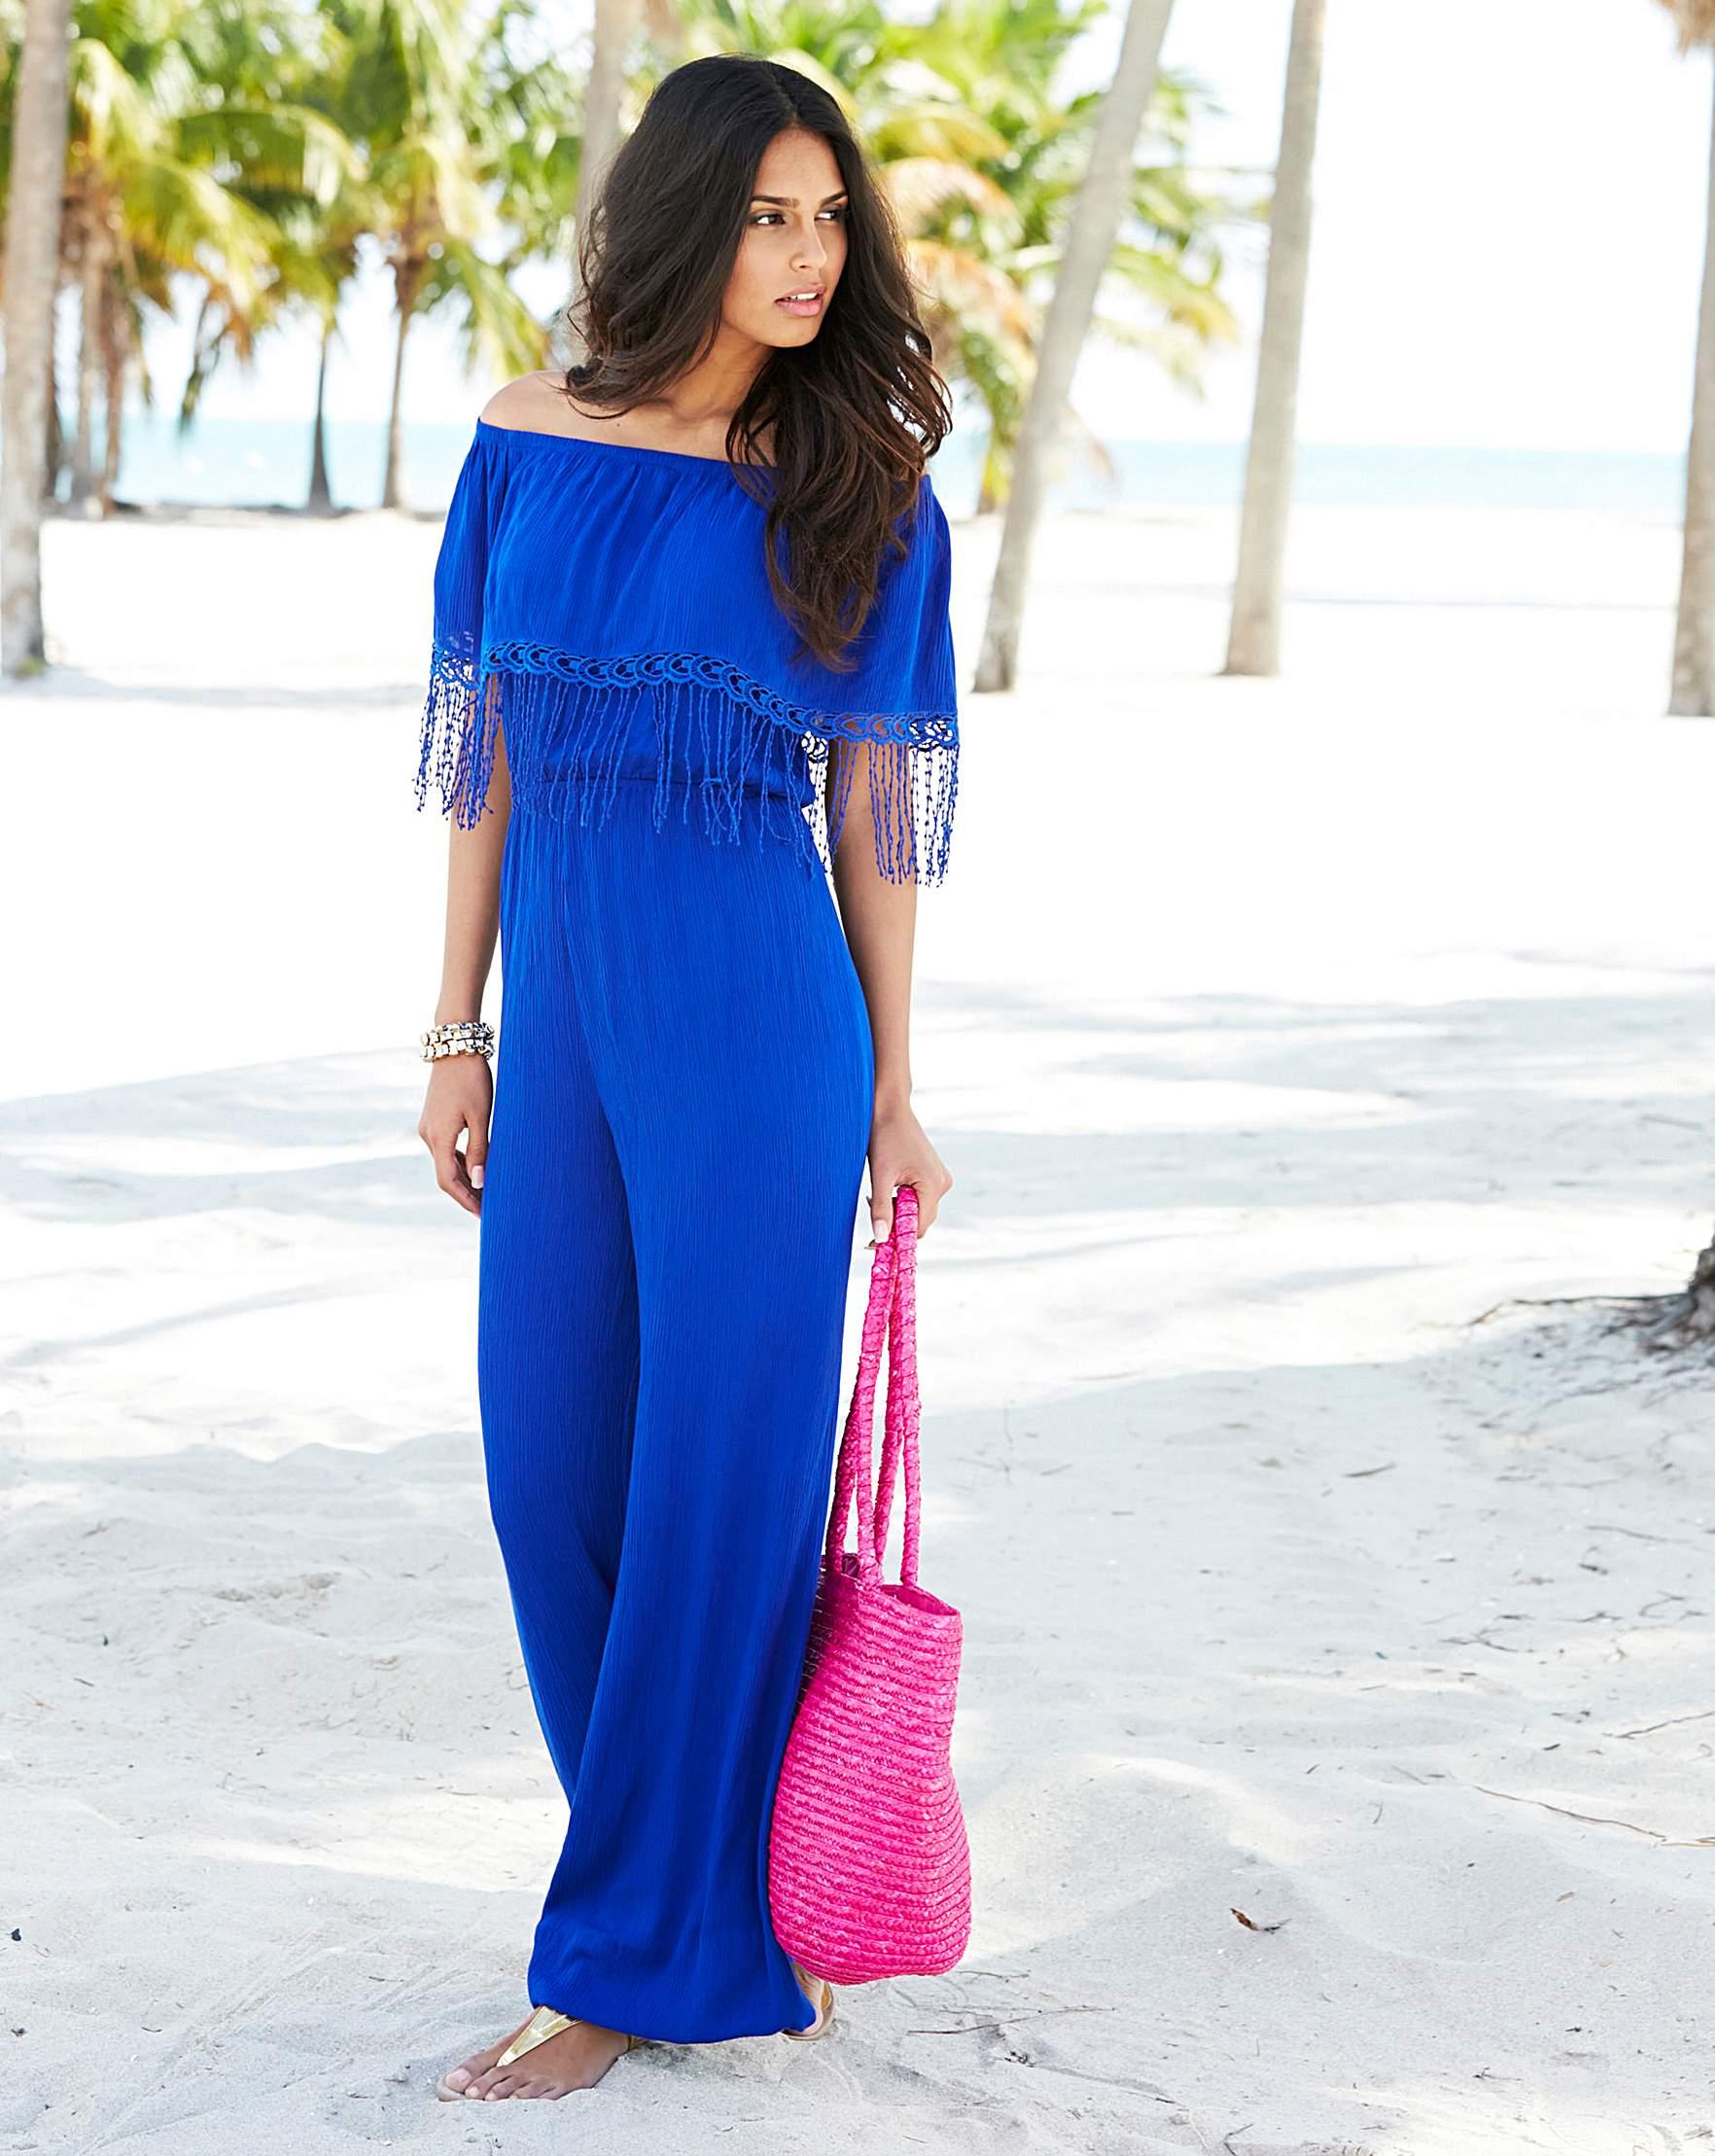 Wholesale Plus Size Clothing From Marisota Anthology Royal Blue